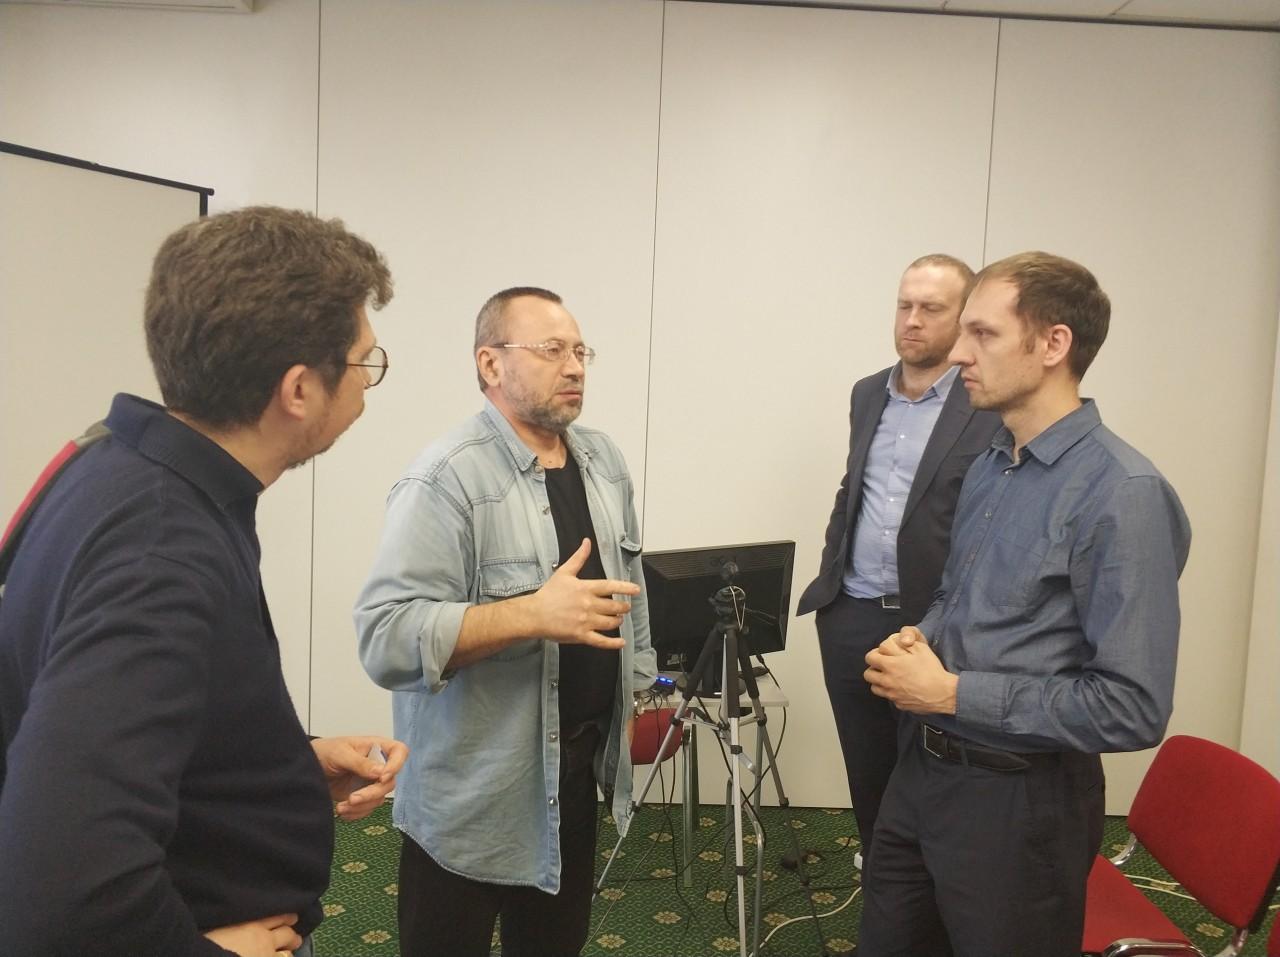 27-28 марта прошел 2-й всероссийский научно-практический семинар  «Комплексное и устойчивое развитие территорий».